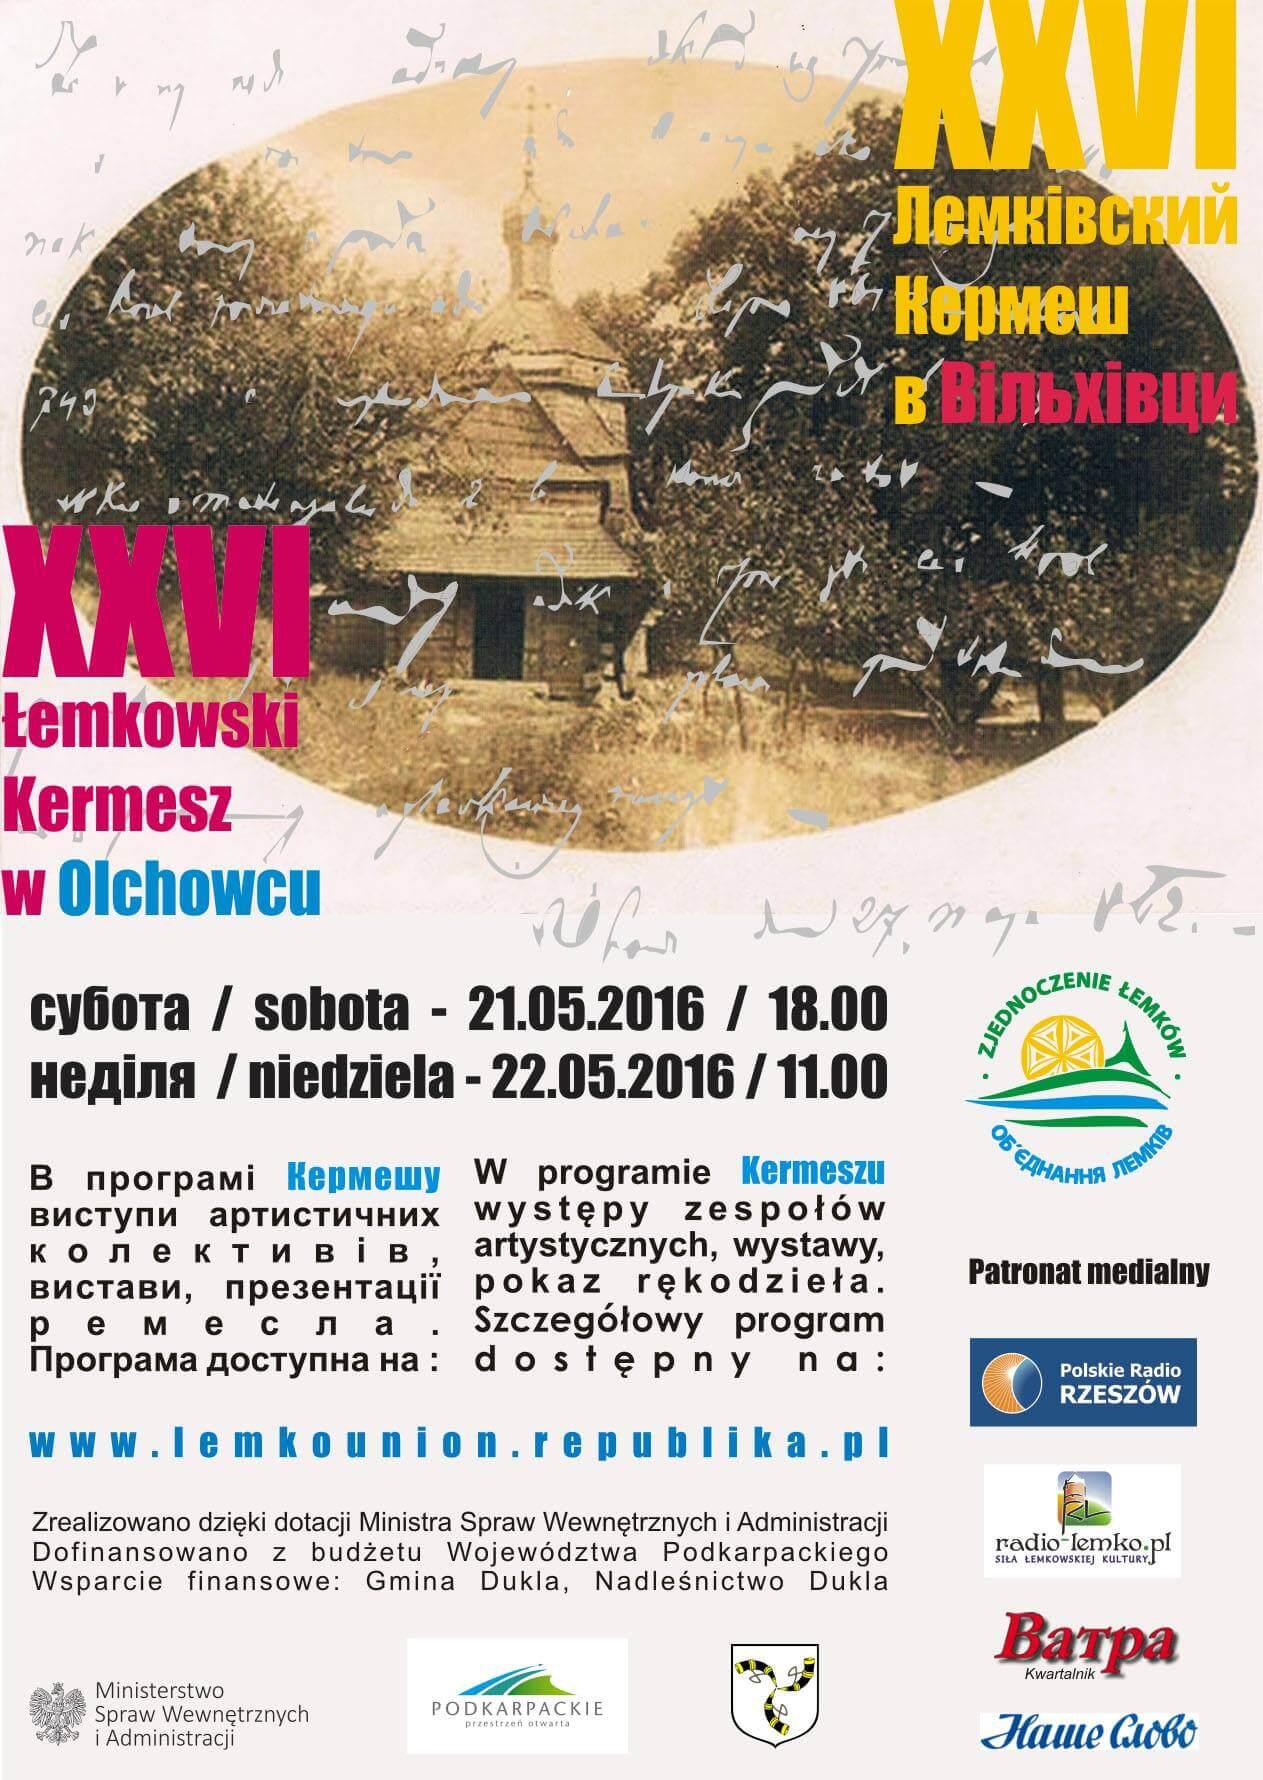 Łemkowski Kermesz wOlchowcu